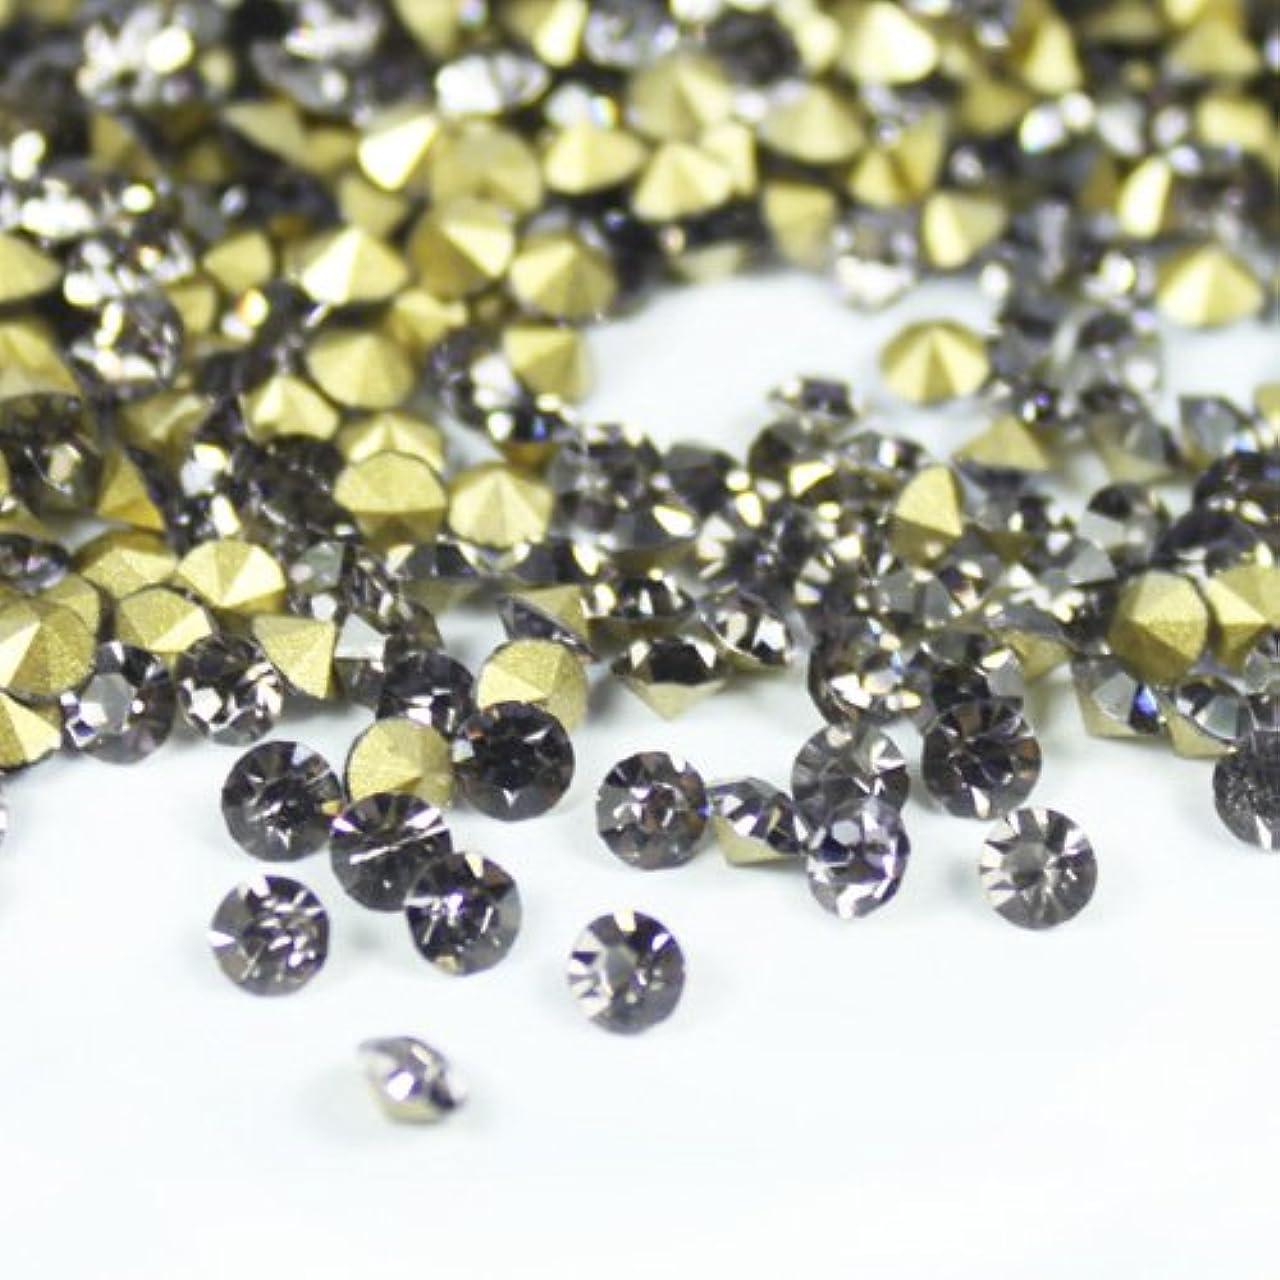 マニアック本物のセラフガラス製 Vカットストーン(埋込型)black diamond/ブラックダイアモンド 各サイズ選択可能 (2.4mm (SS8) 約1440粒) [並行輸入品]